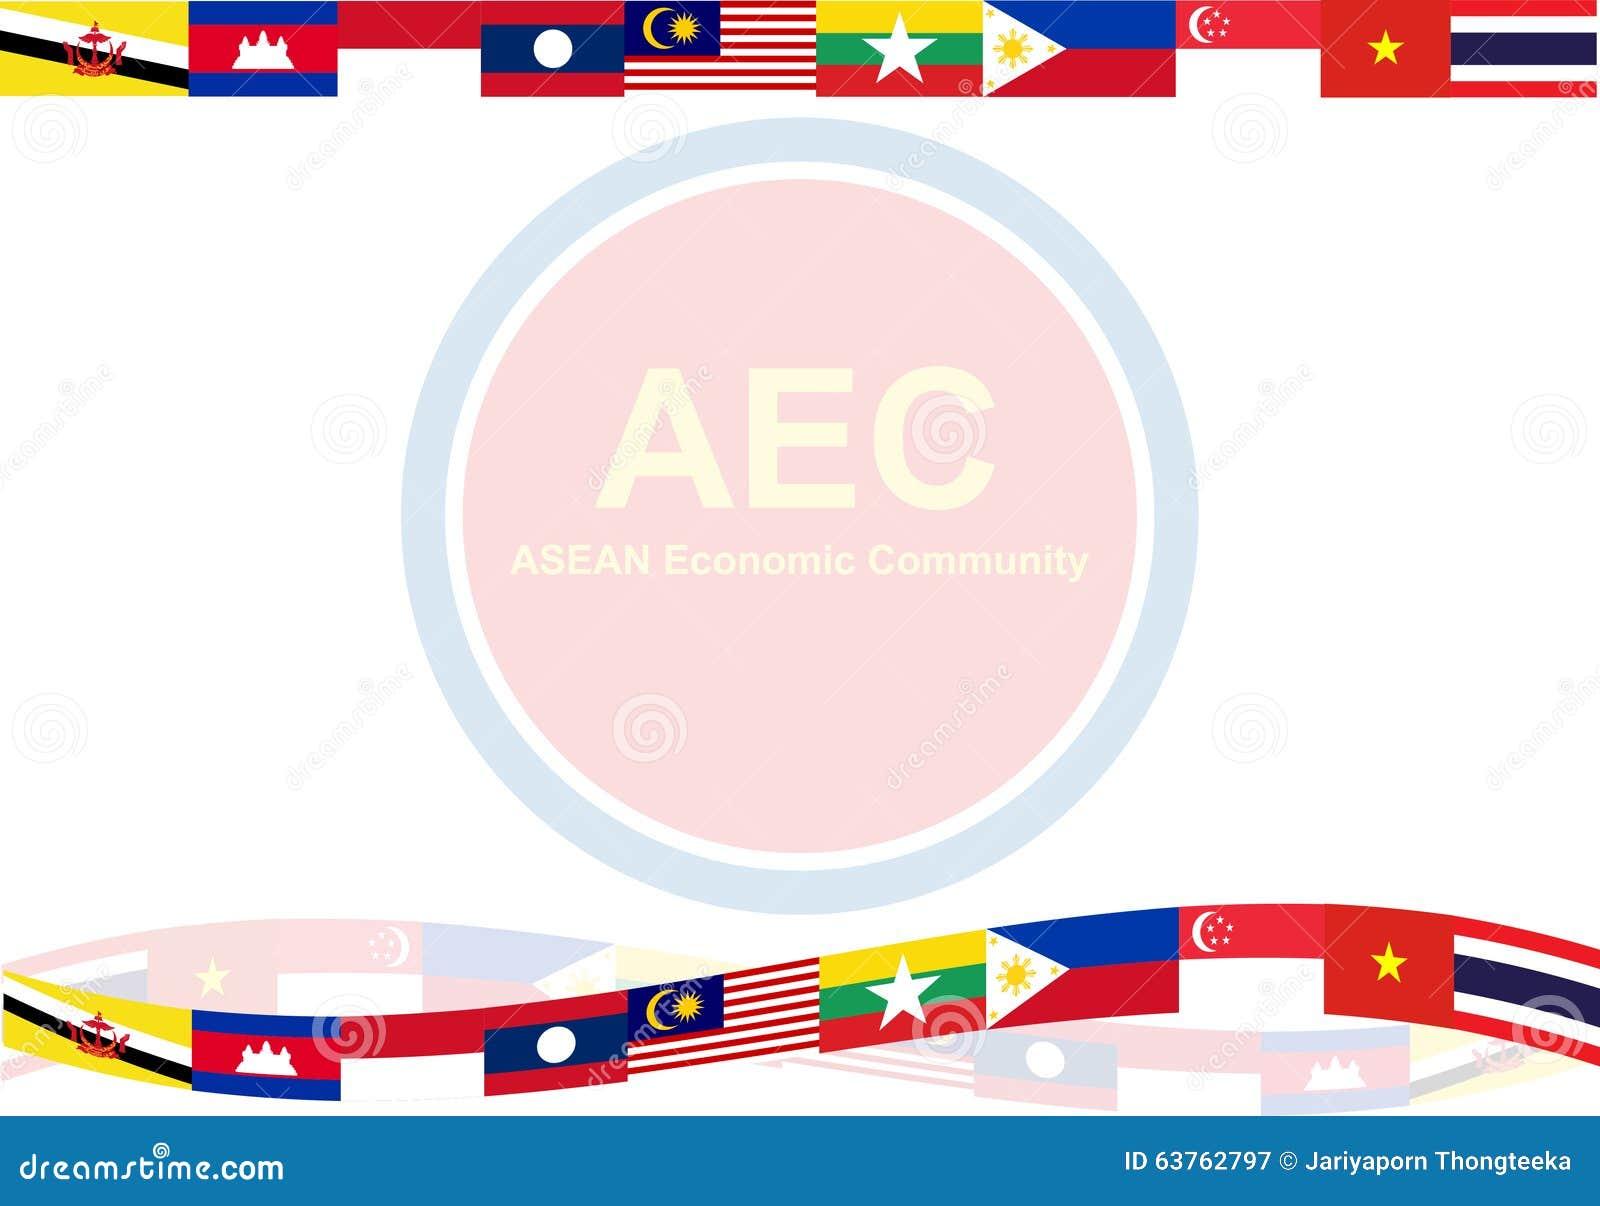 Asean economic community aec business community forum for Design economico